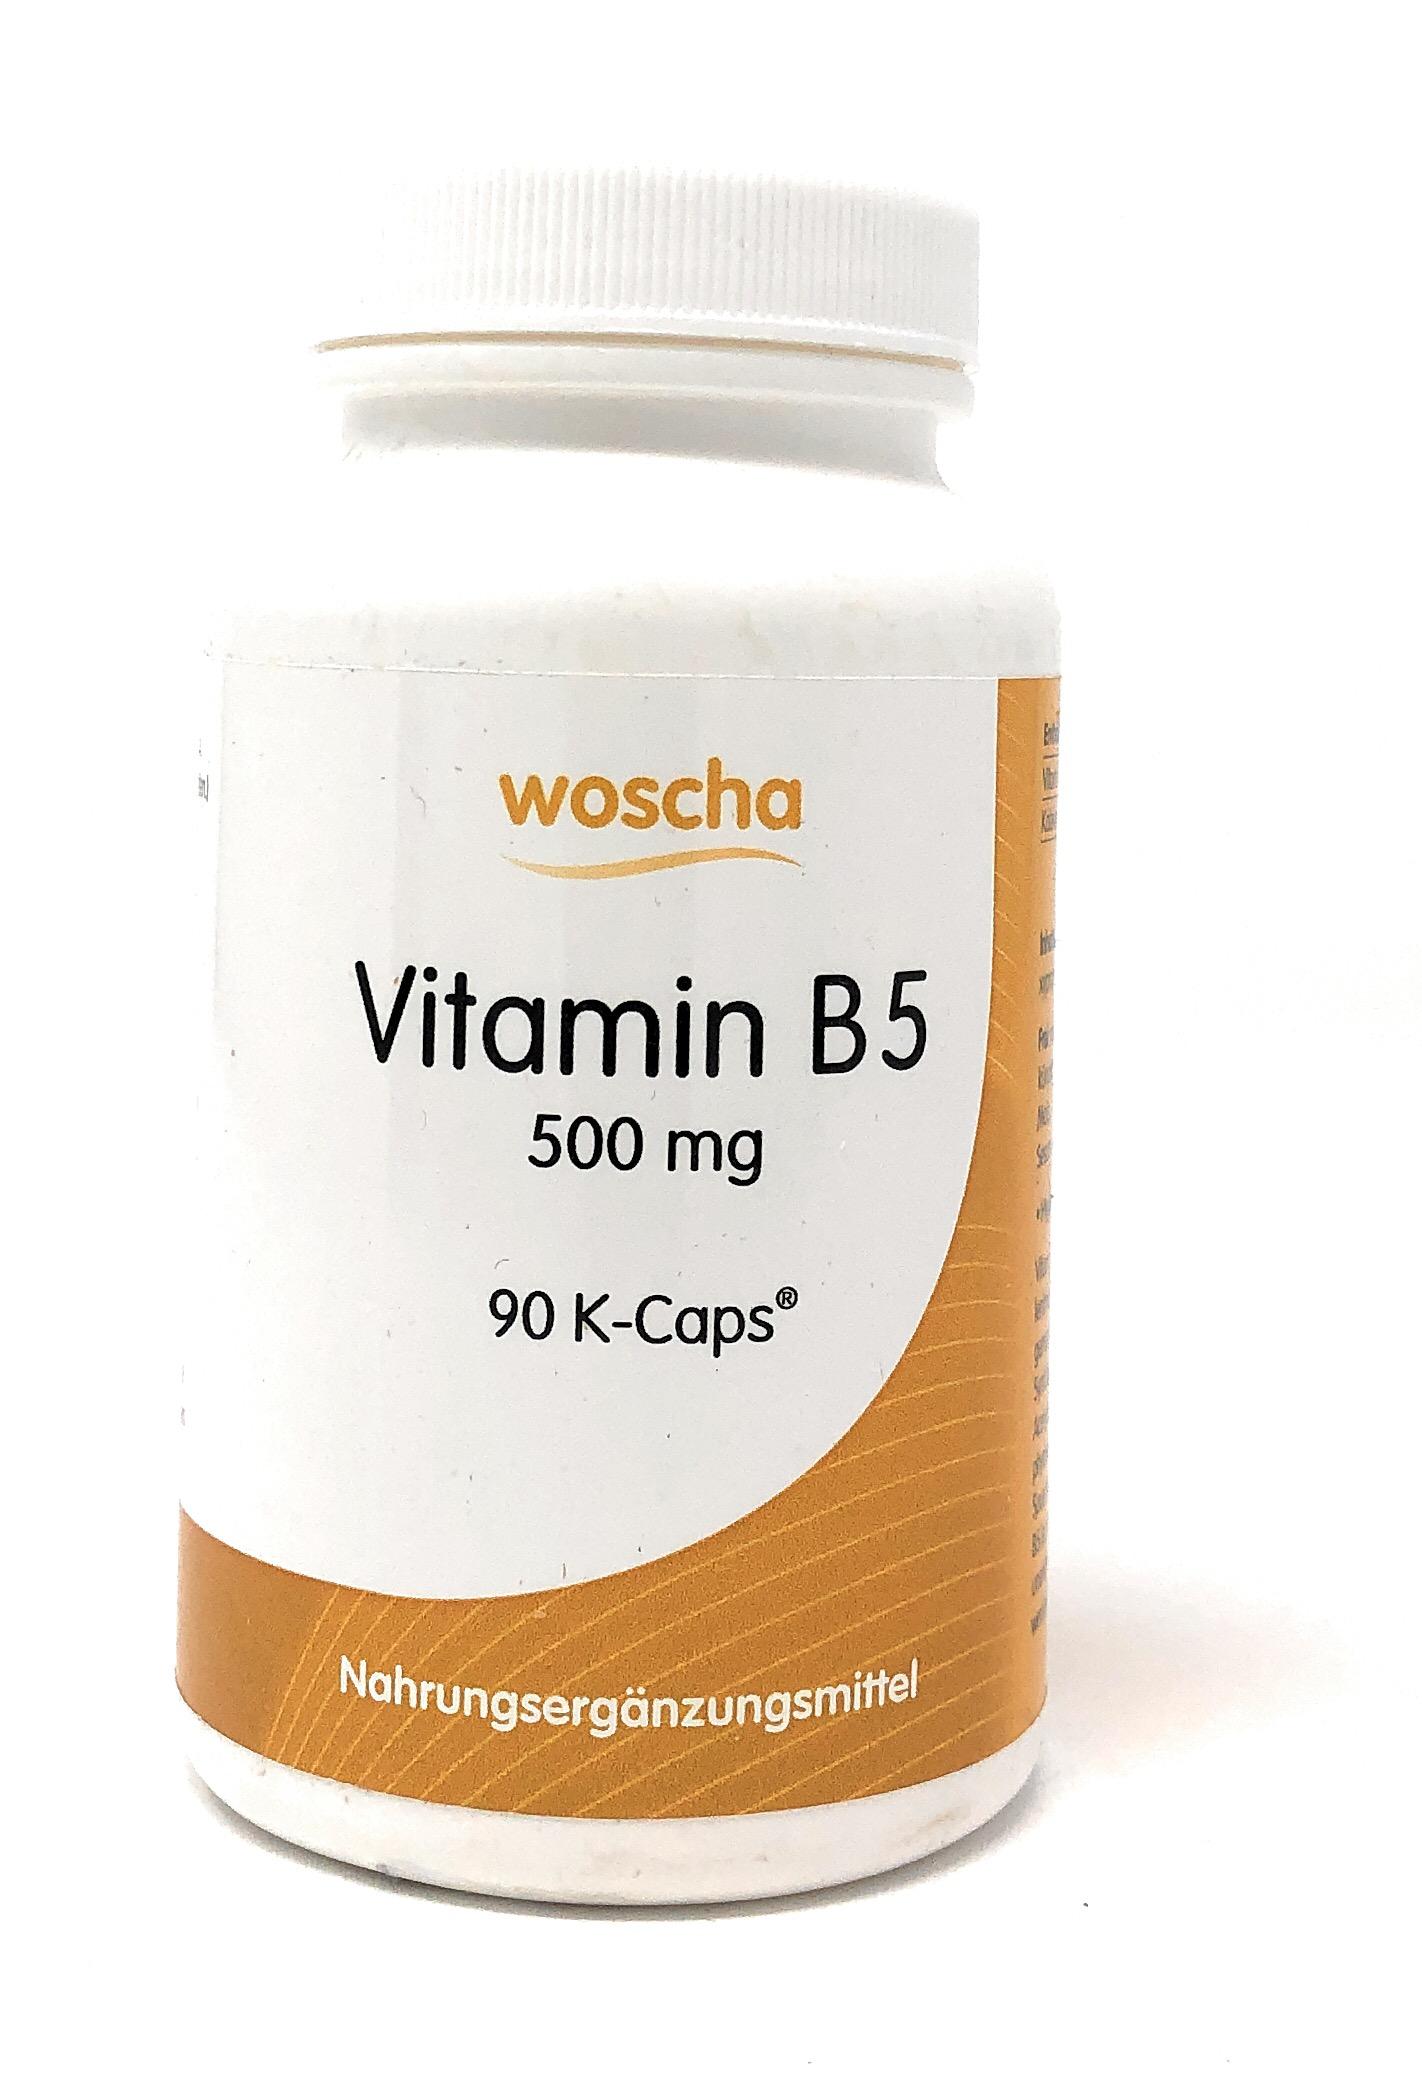 woscha Vitamin B5 500mg 90 Embo-Caps (75g) (vegan)